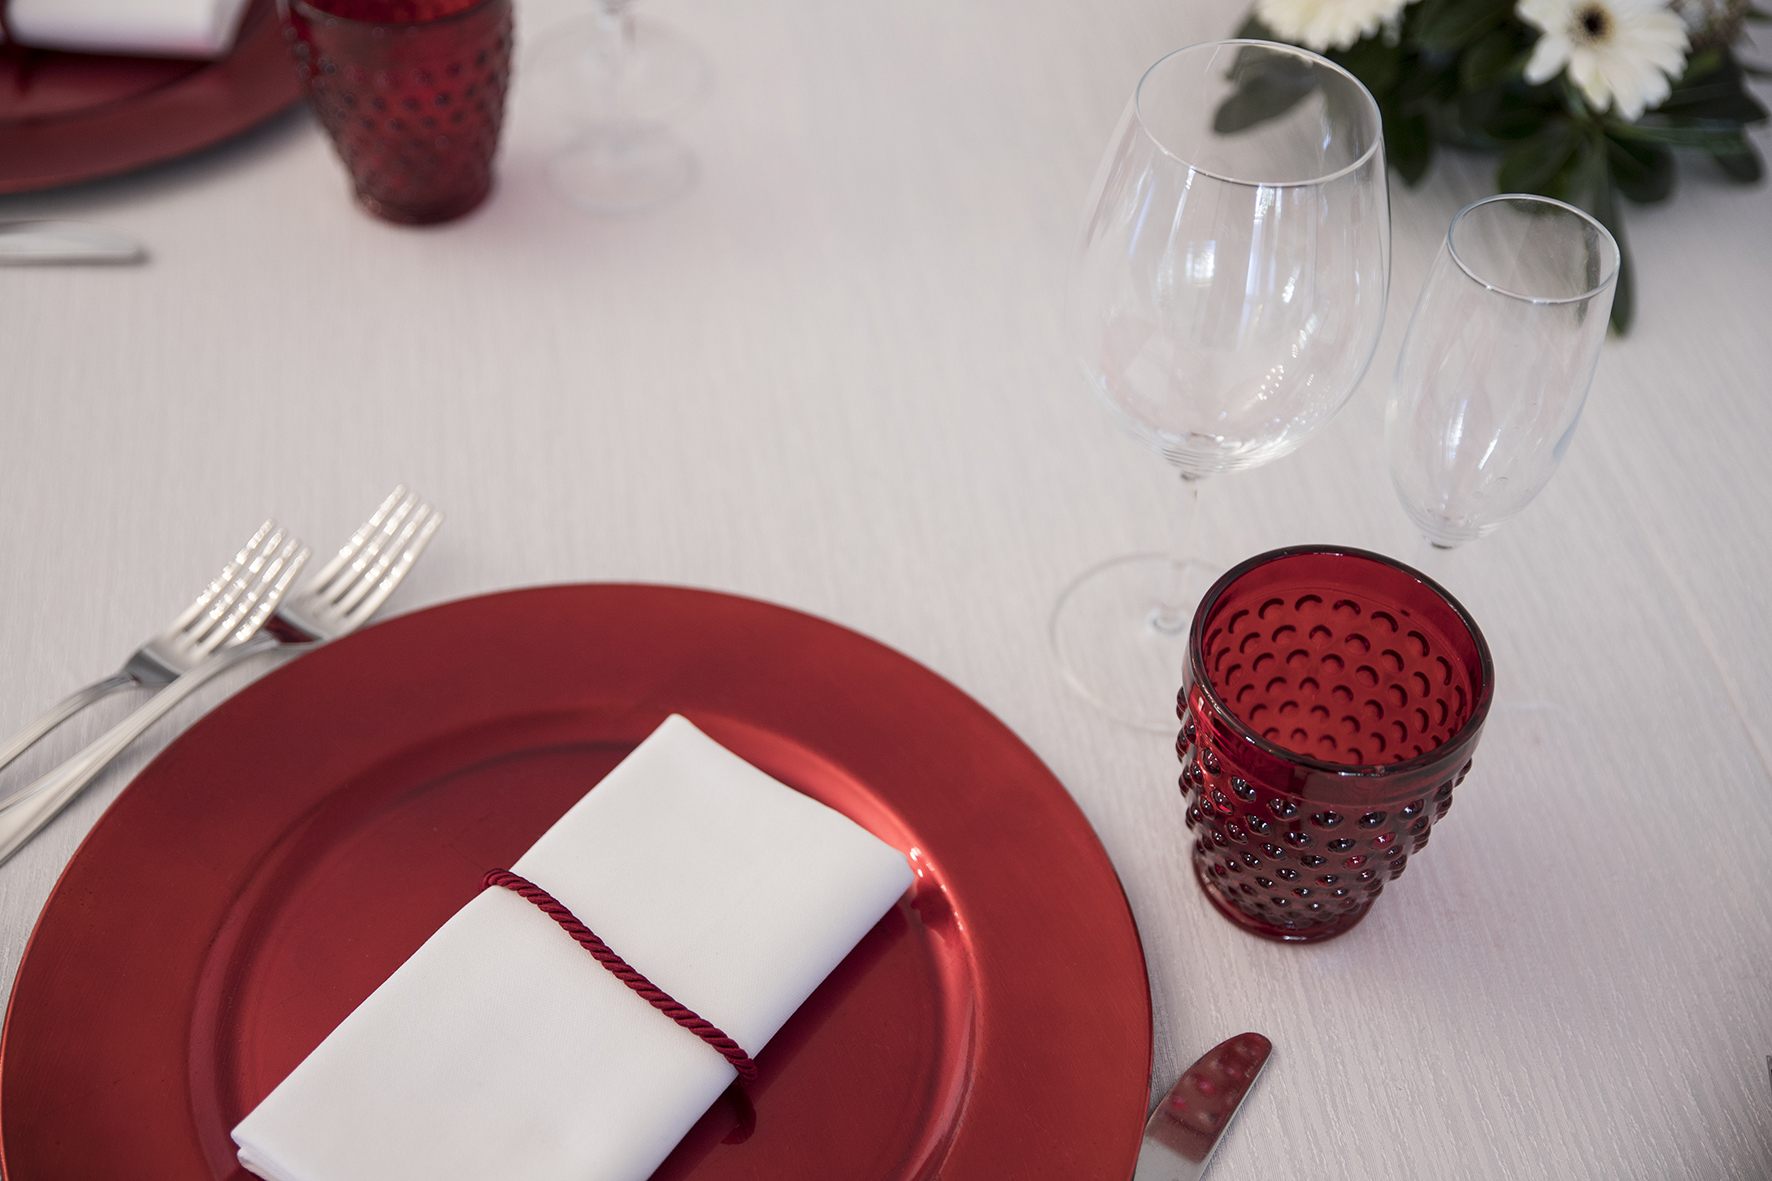 matrimonio tema natale piatti rossi